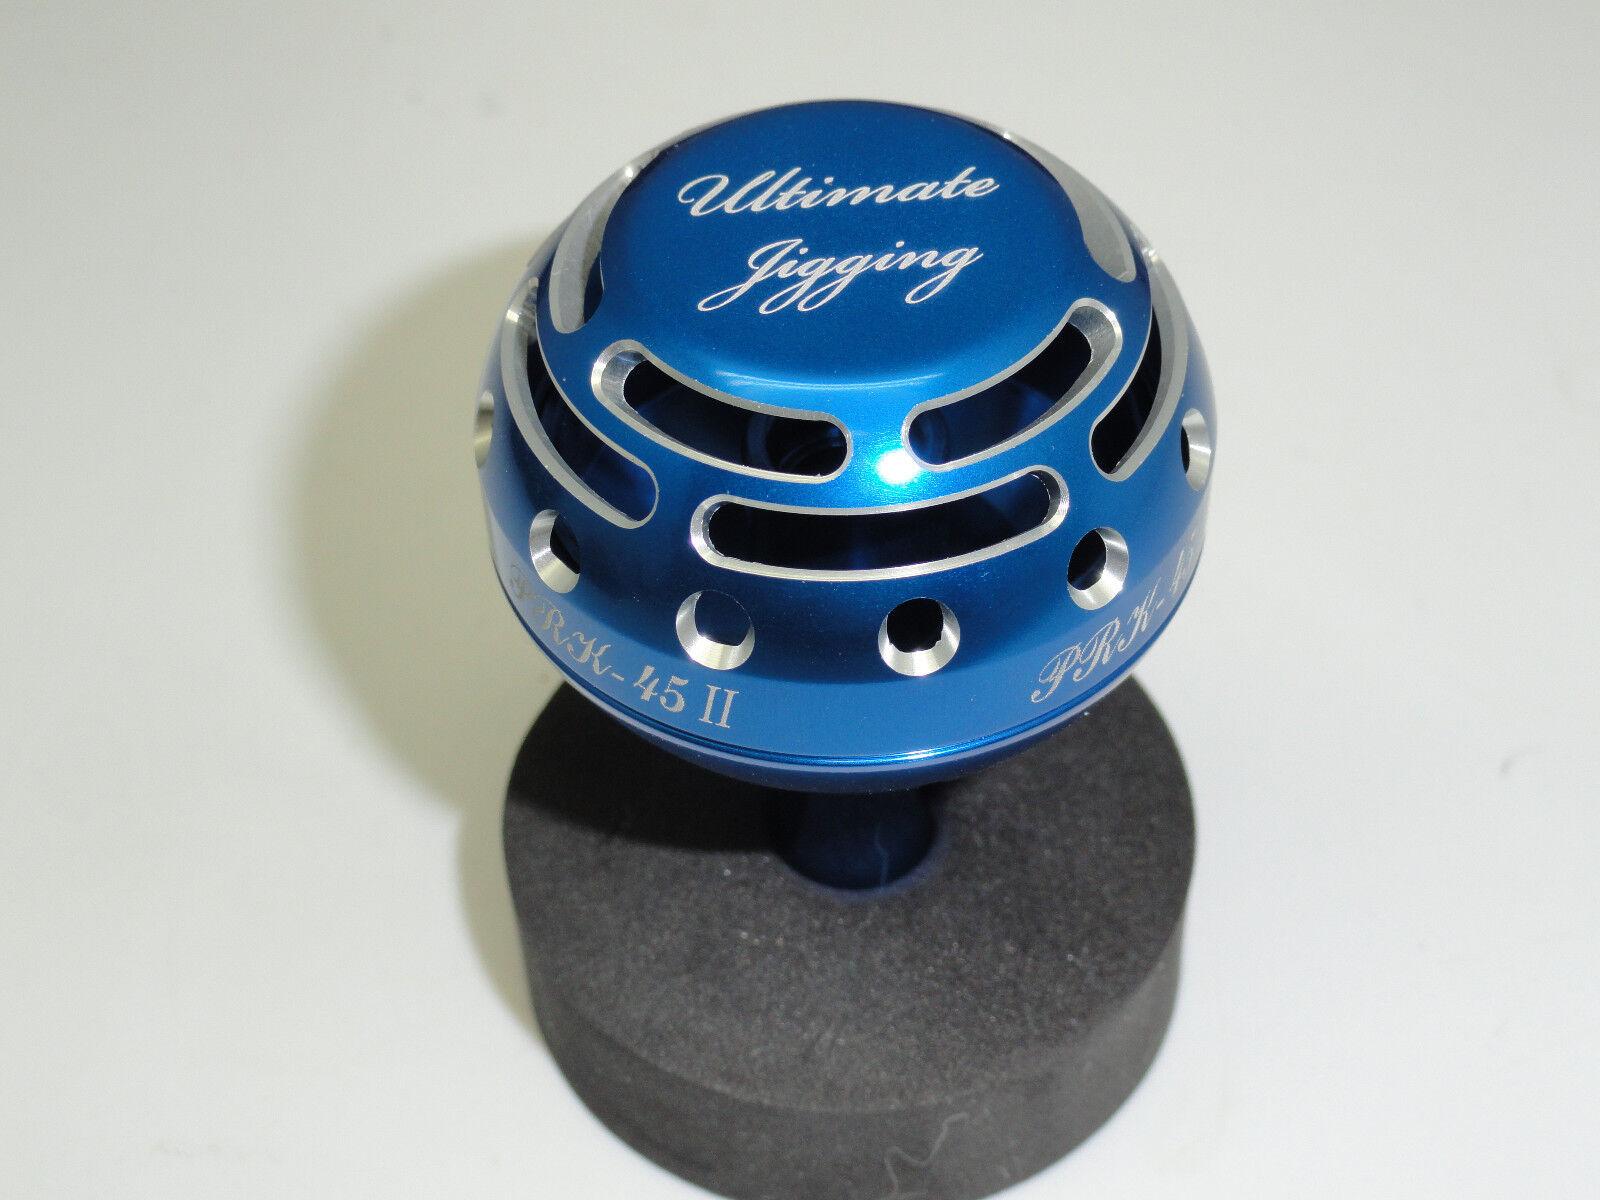 UJ PRK 45 type II knob FITS Daiwa Saltiga Saltist Seabort Tanacom reel bluee SV